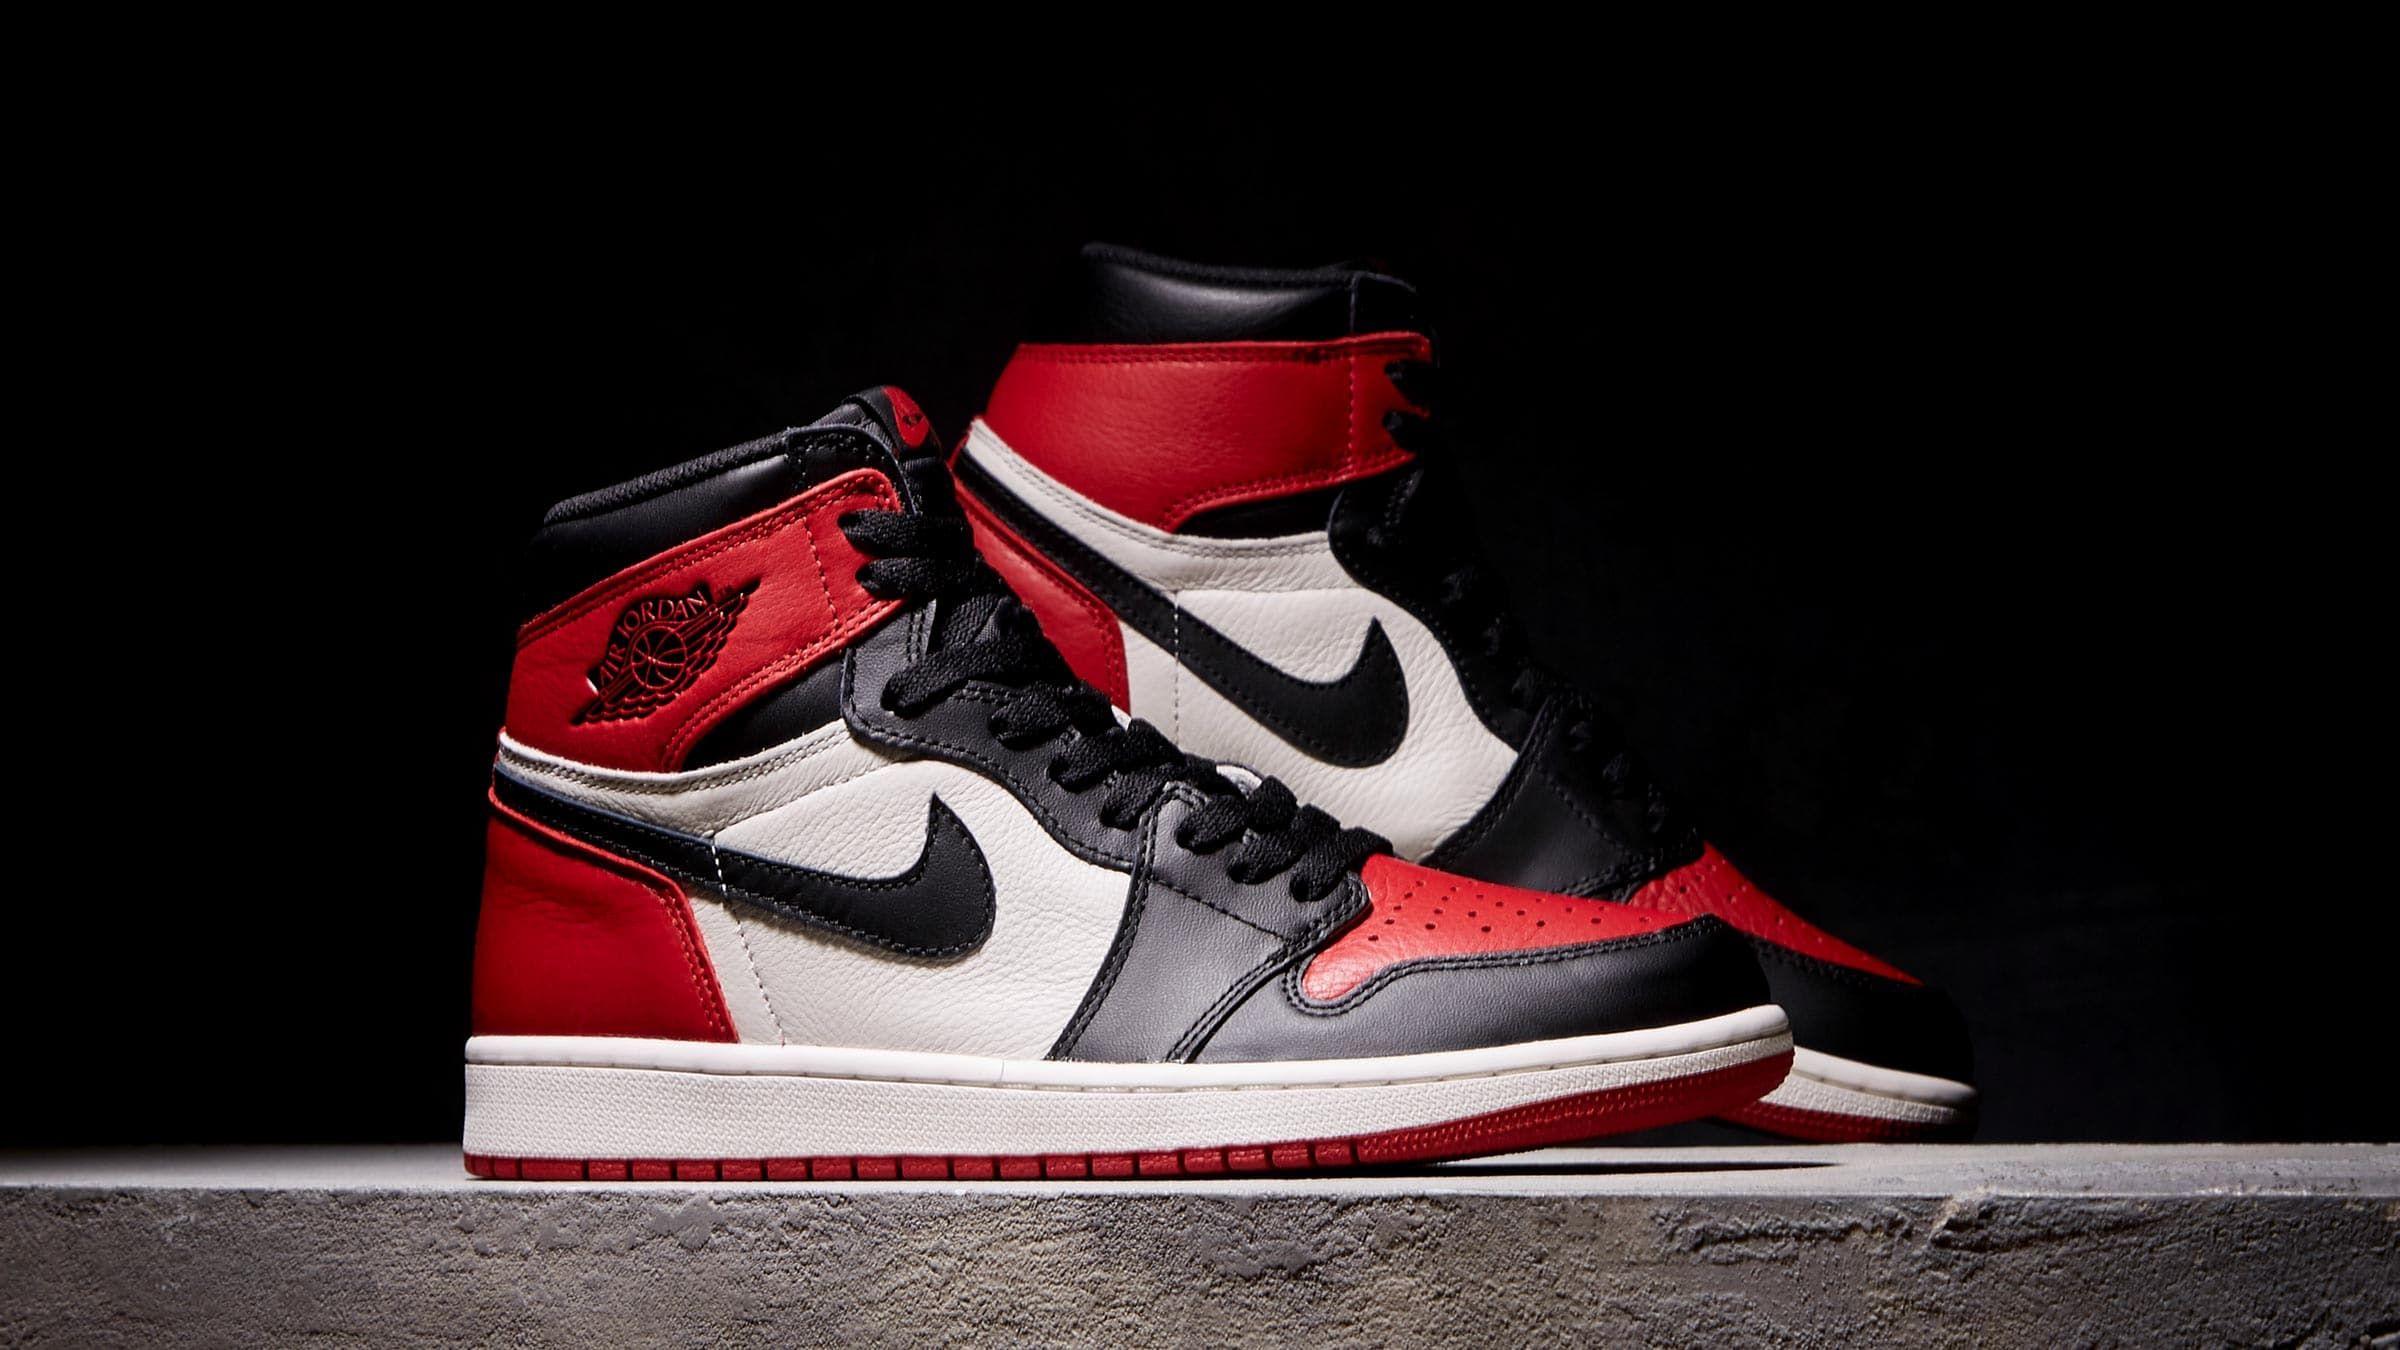 best loved f2e4f 253c7 Nike Air Jordan 1 Retro High OG  Bred Toe  555088-610